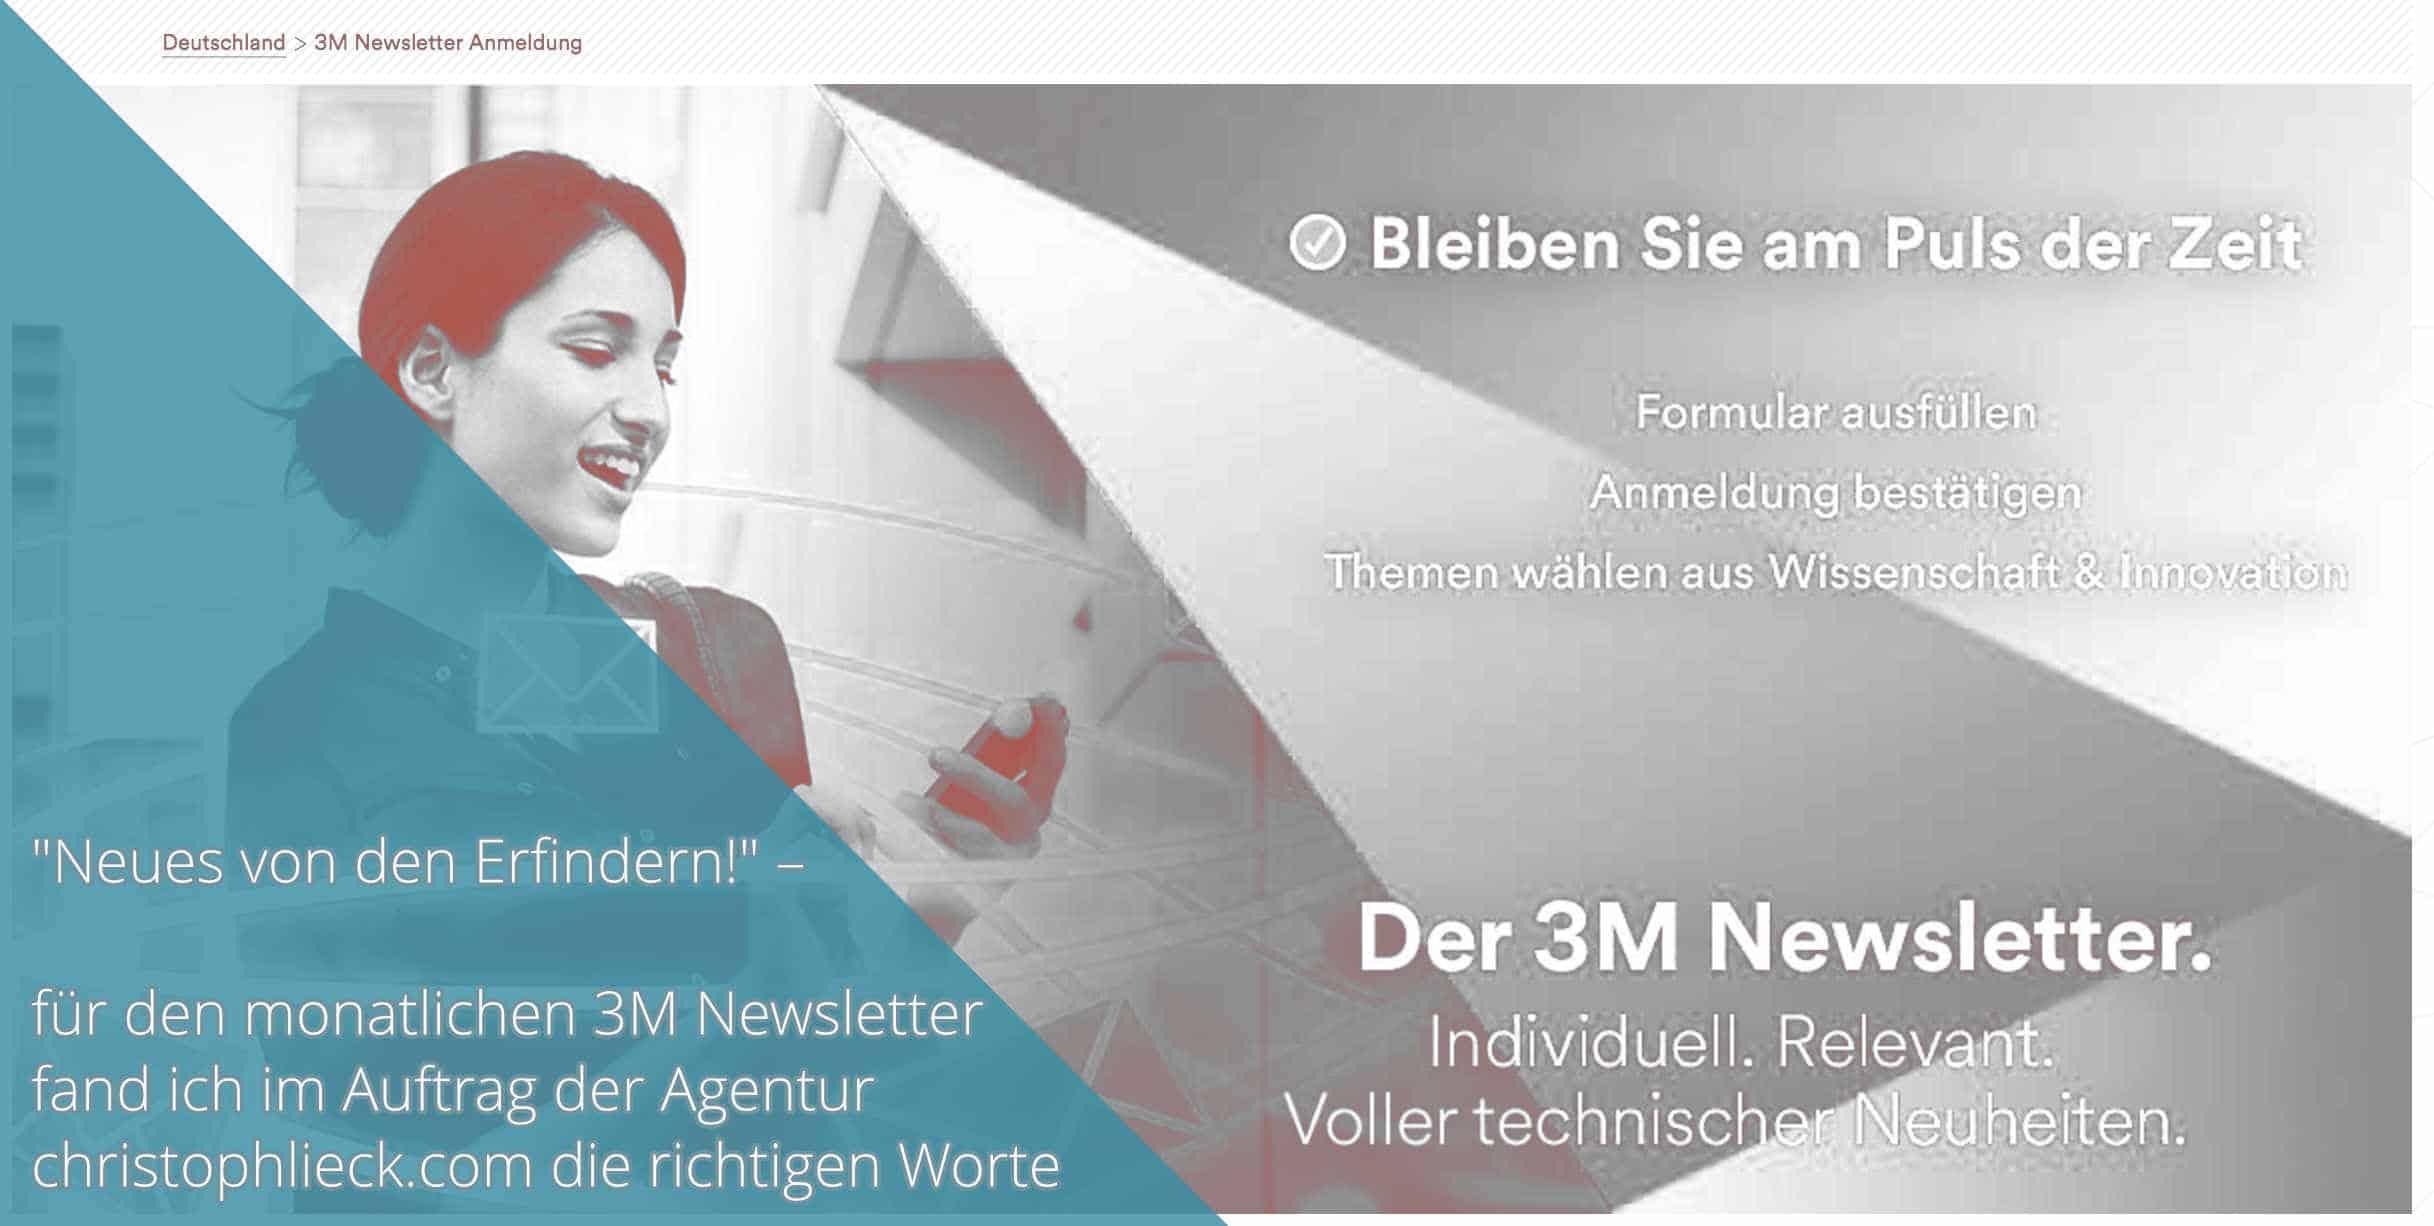 Screenshot 3M Newsletter Arbeitsprobe Tim Allgaier Texter PR Freelancer Werbetexter köln